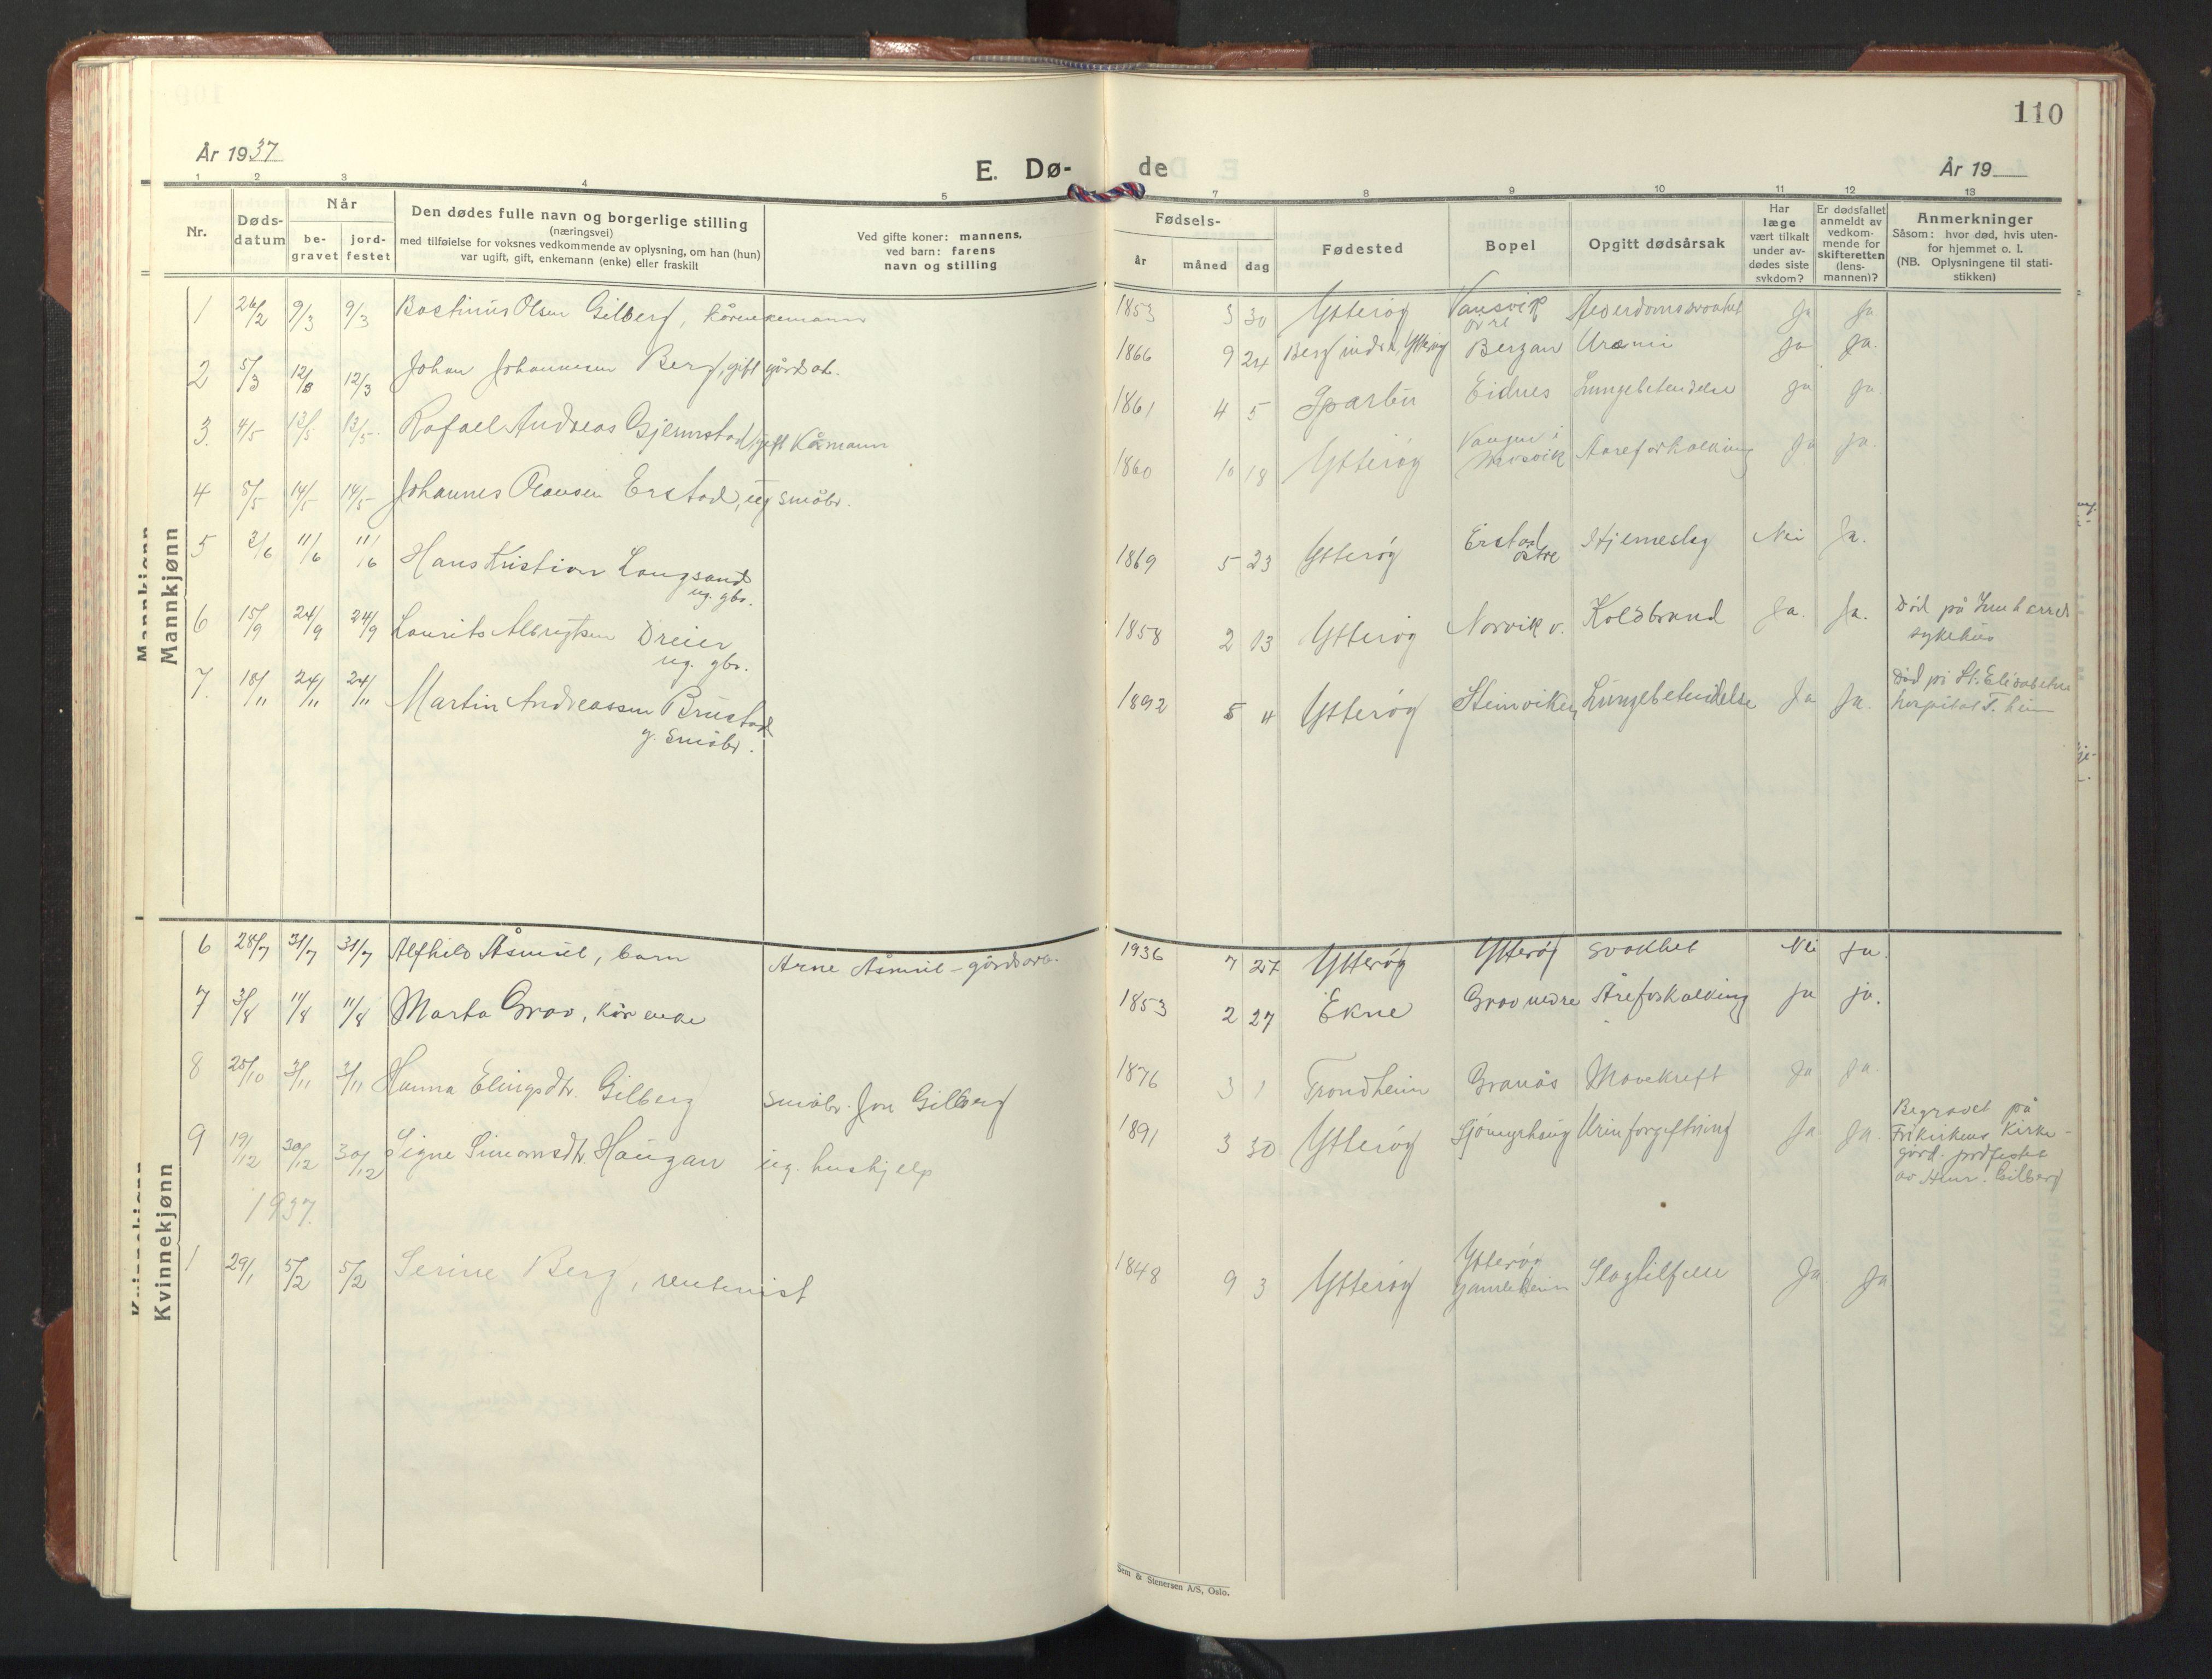 SAT, Ministerialprotokoller, klokkerbøker og fødselsregistre - Nord-Trøndelag, 722/L0227: Klokkerbok nr. 722C03, 1928-1958, s. 110